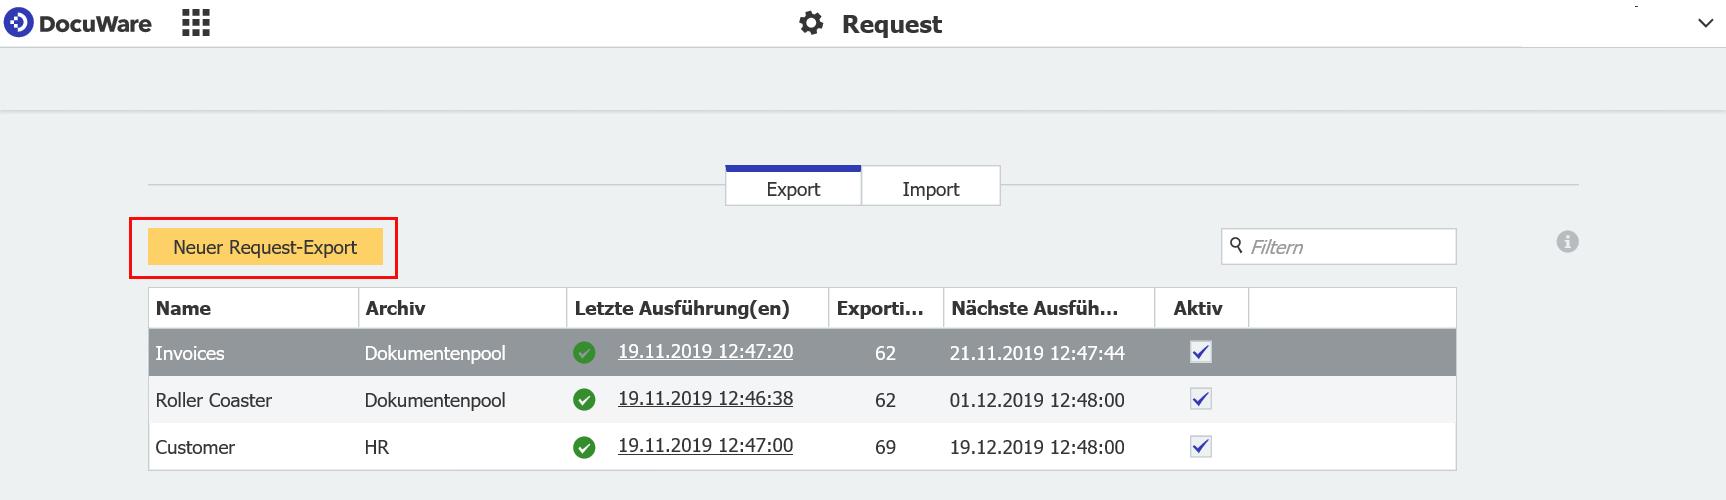 Konfiguration eines mobilen Archivs in DocuWare